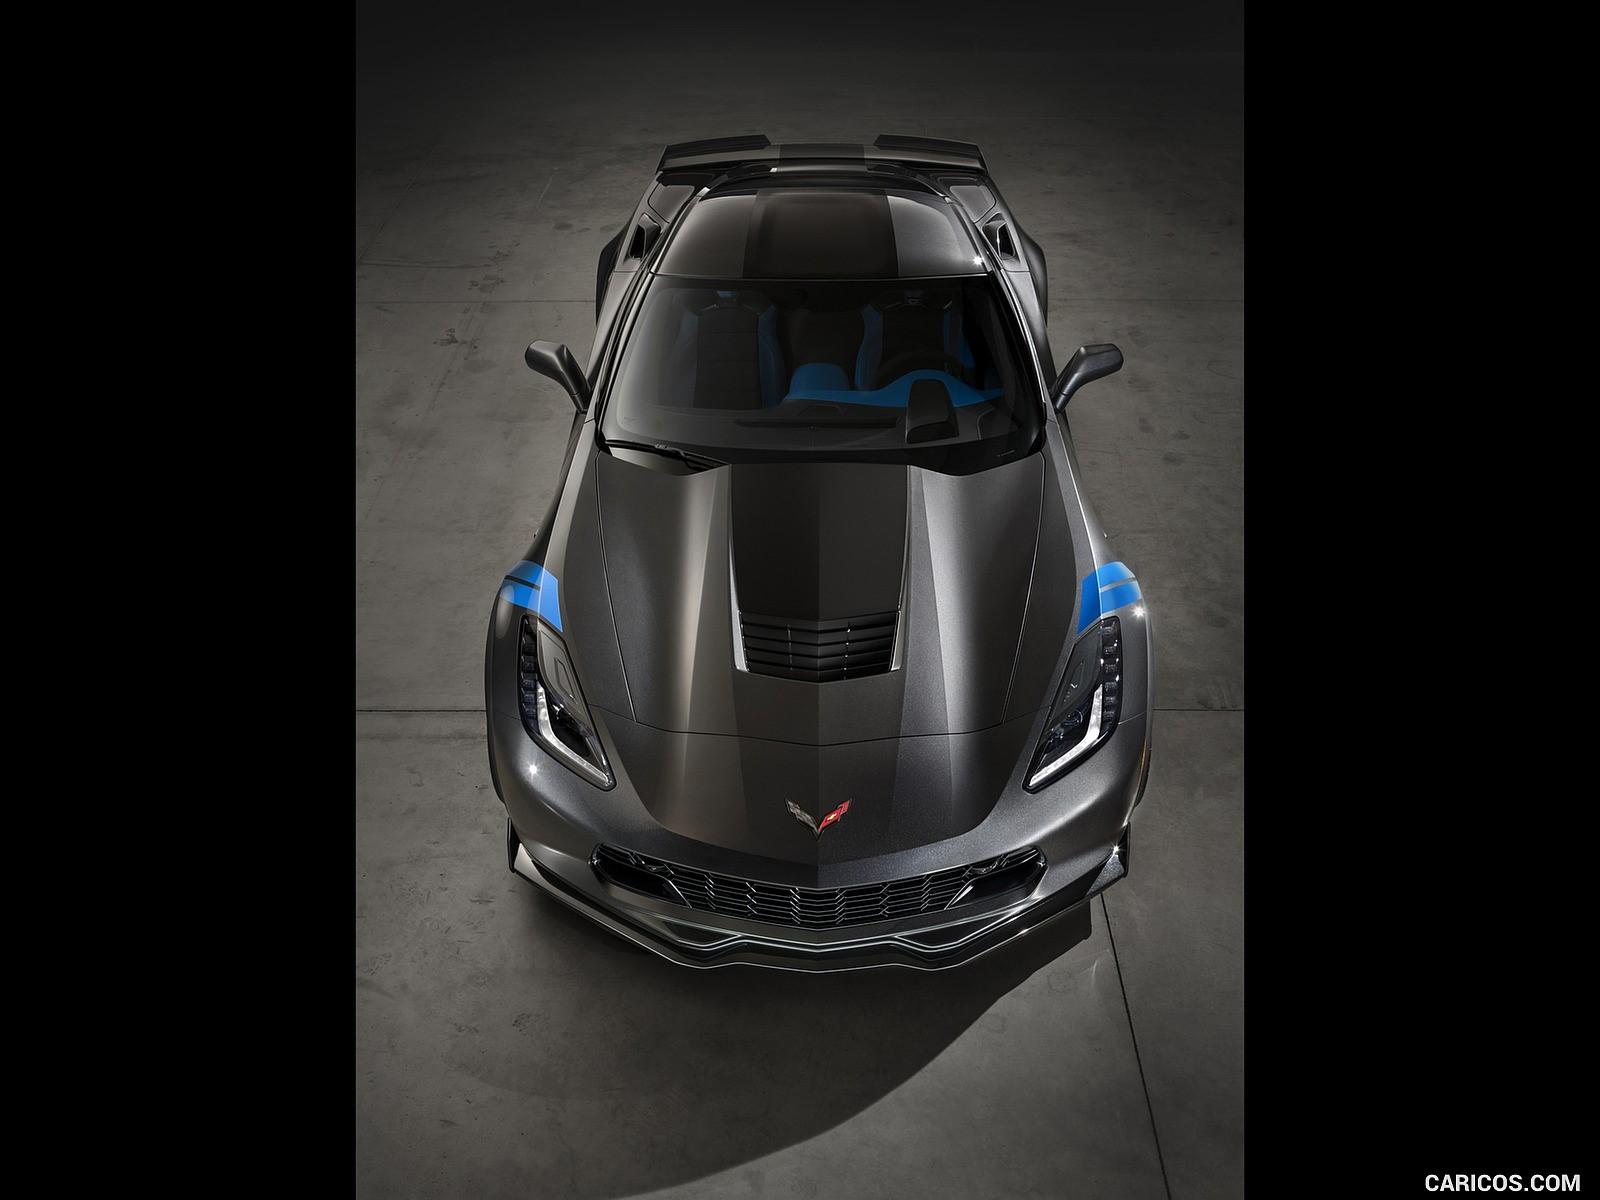 2017 Chevrolet Corvette Grand Sport resimleri